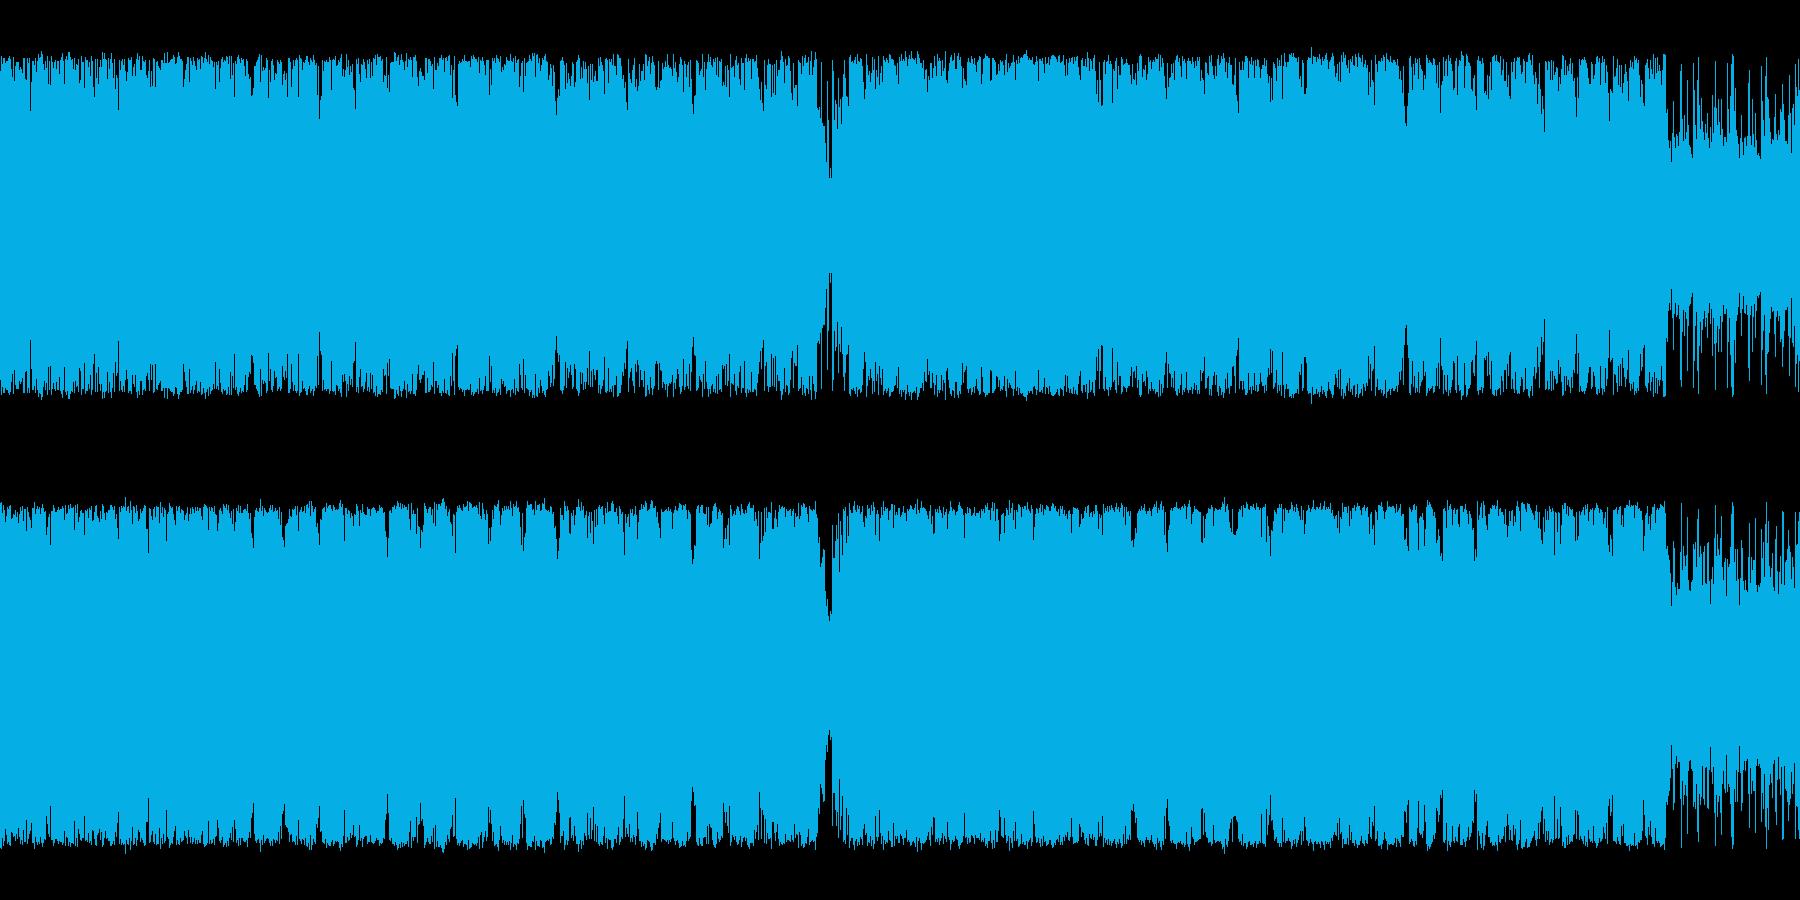 オーケストラとクワイア編成のループ仕様曲の再生済みの波形